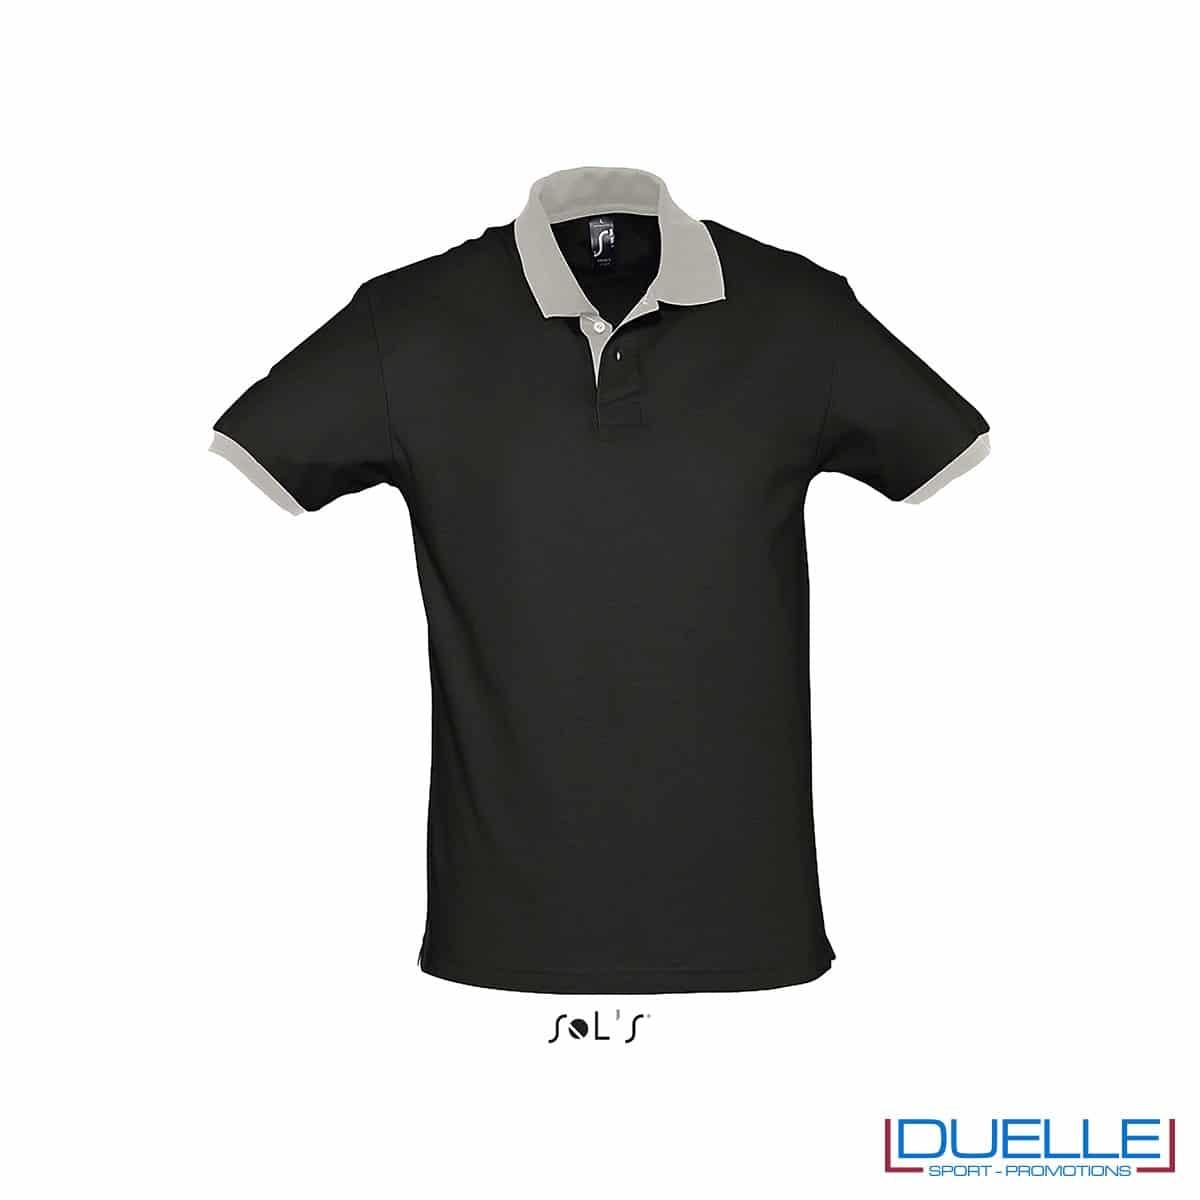 polo personalizzata color nero con finiture a contrasto, abbigliamento promozionale personalizzato